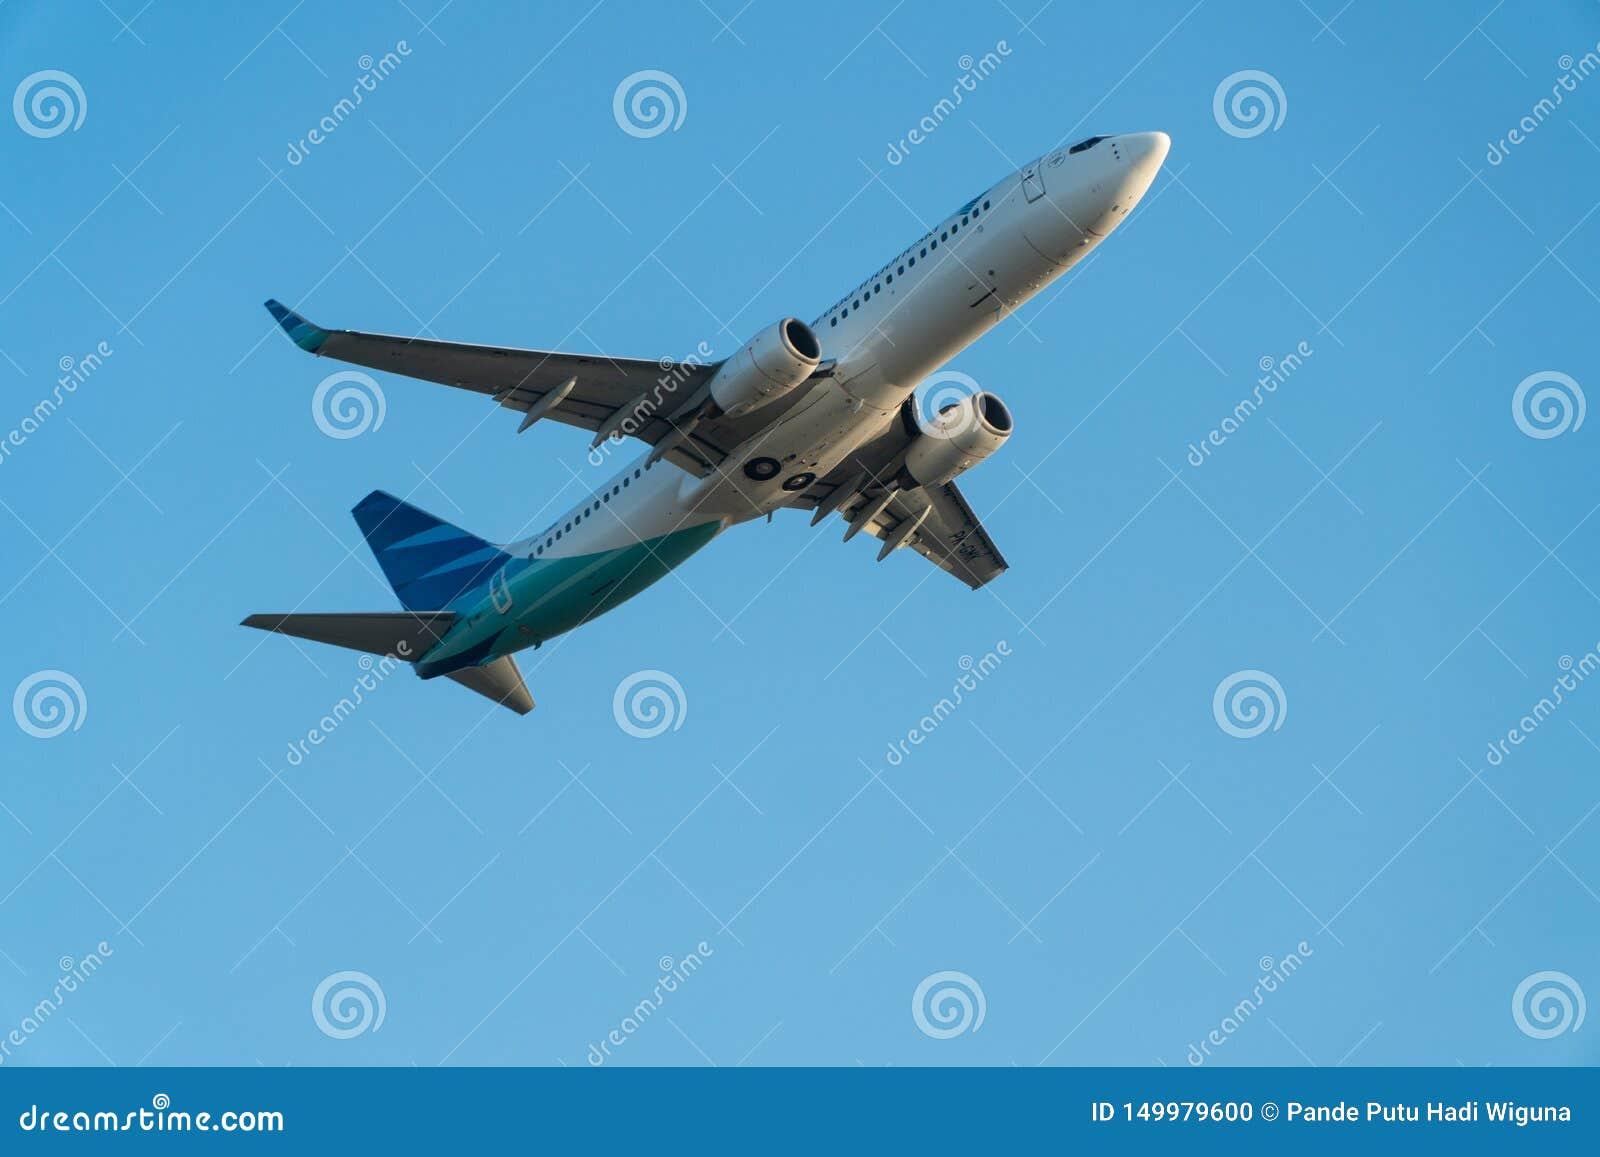 BALI/INDONESIA-JUNE 06 2019: Garuda Indonesia, jeden linie lotnicze które łączą niebo drużyny w Indonezja, lata nad błękitem